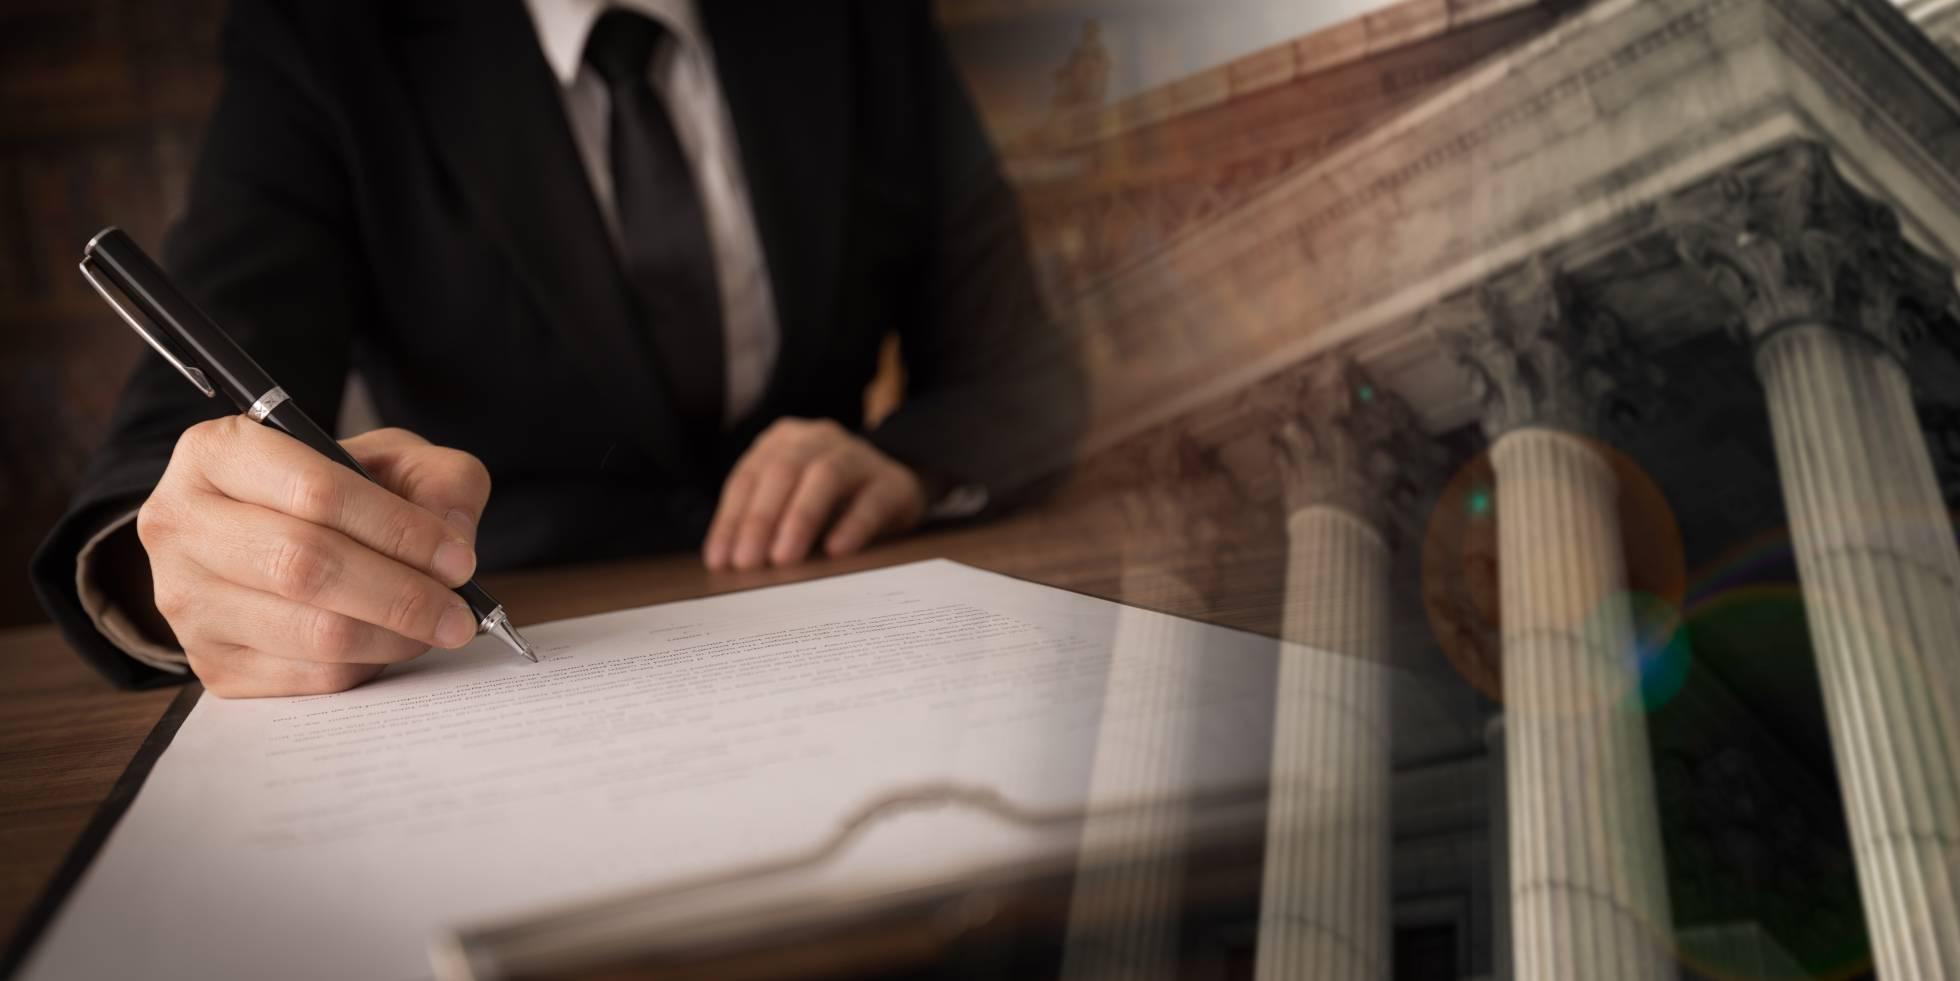 La justicia absuelve a un abogado que acusó a un juez de prevaricar